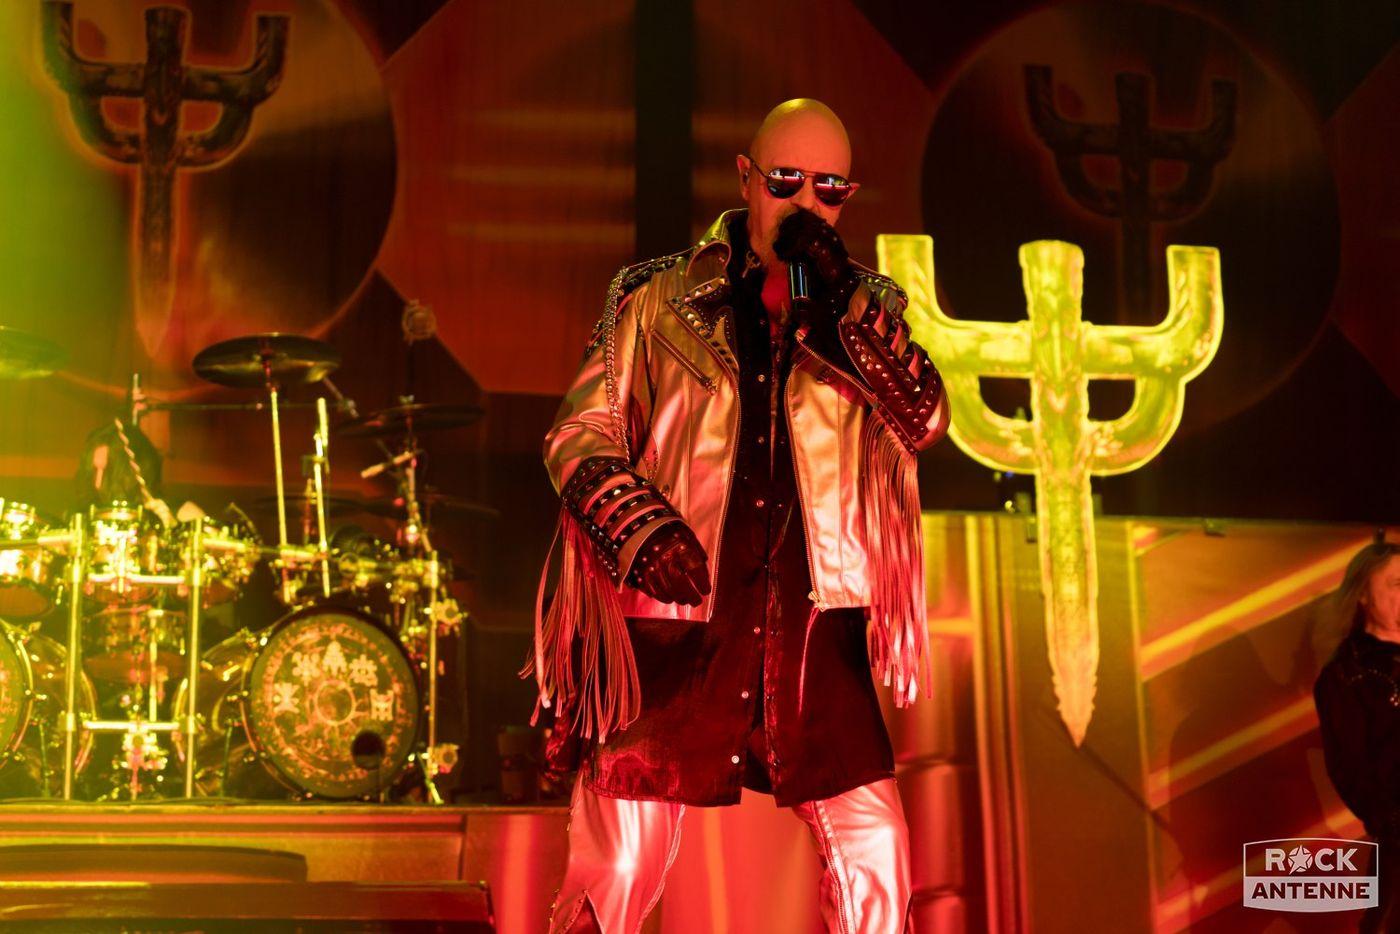 Judas Priest am 31.07.2018